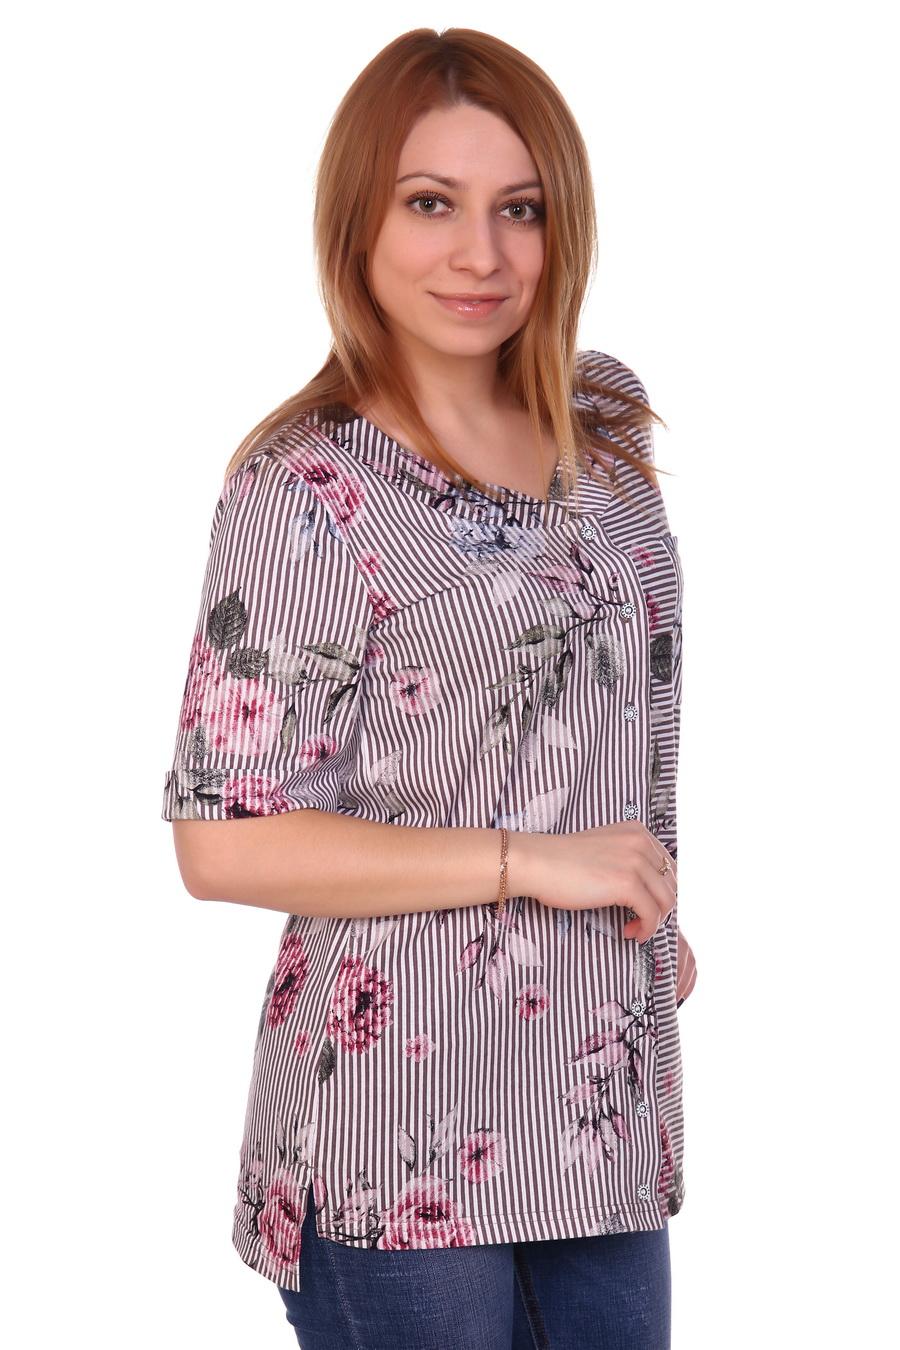 Жен. блузка арт. 17-0121 Кофейный р. 50